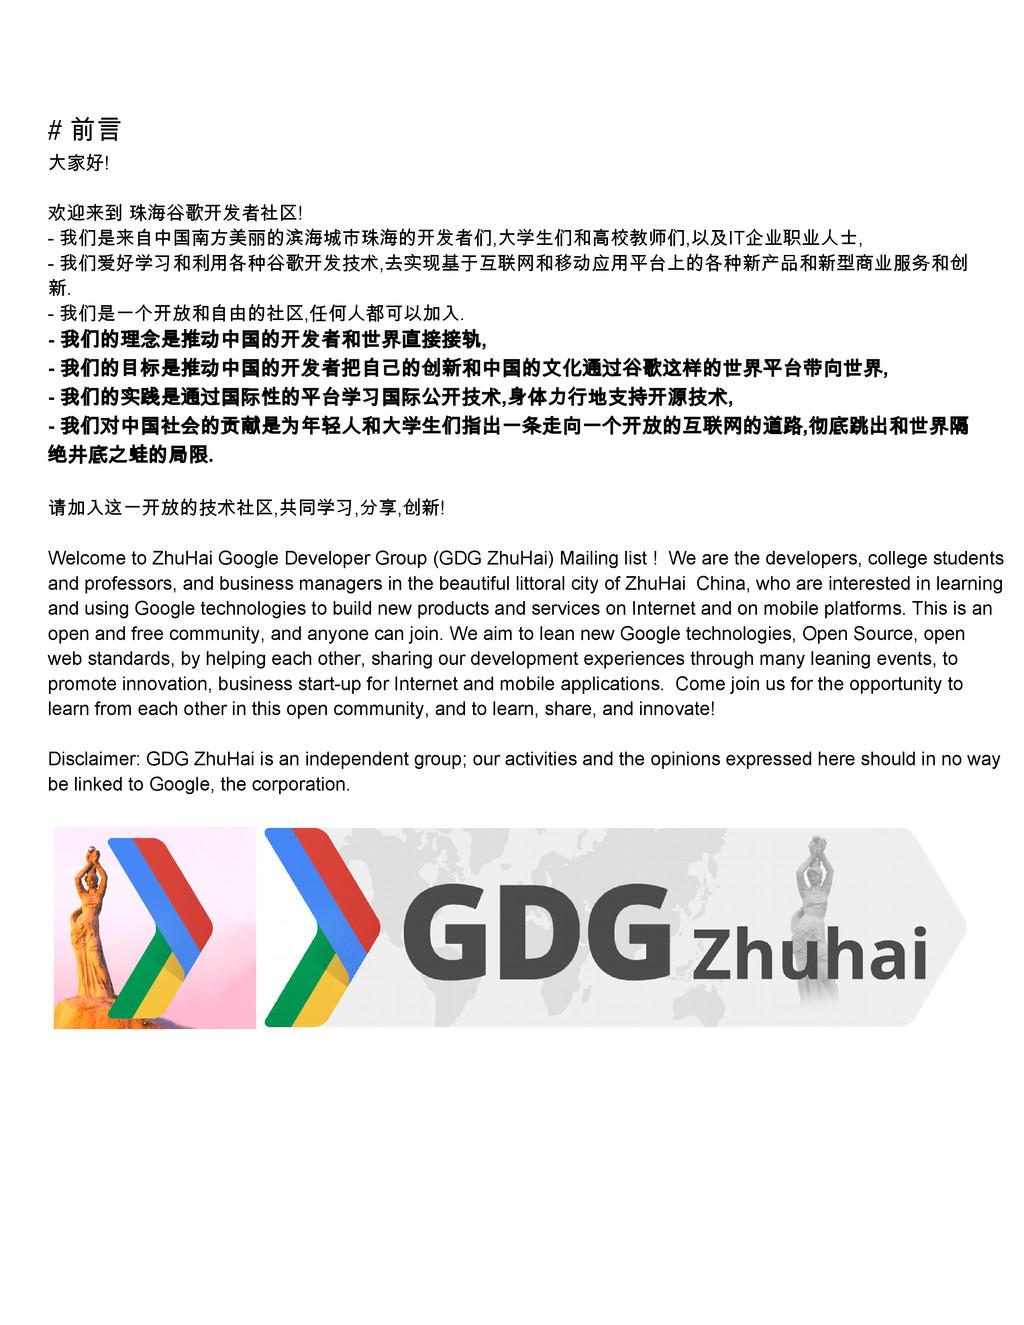 # 前言 大家好! 欢迎来到 珠海谷歌开发者社区!  我们是来自中国南方美丽的滨海城市珠海的...